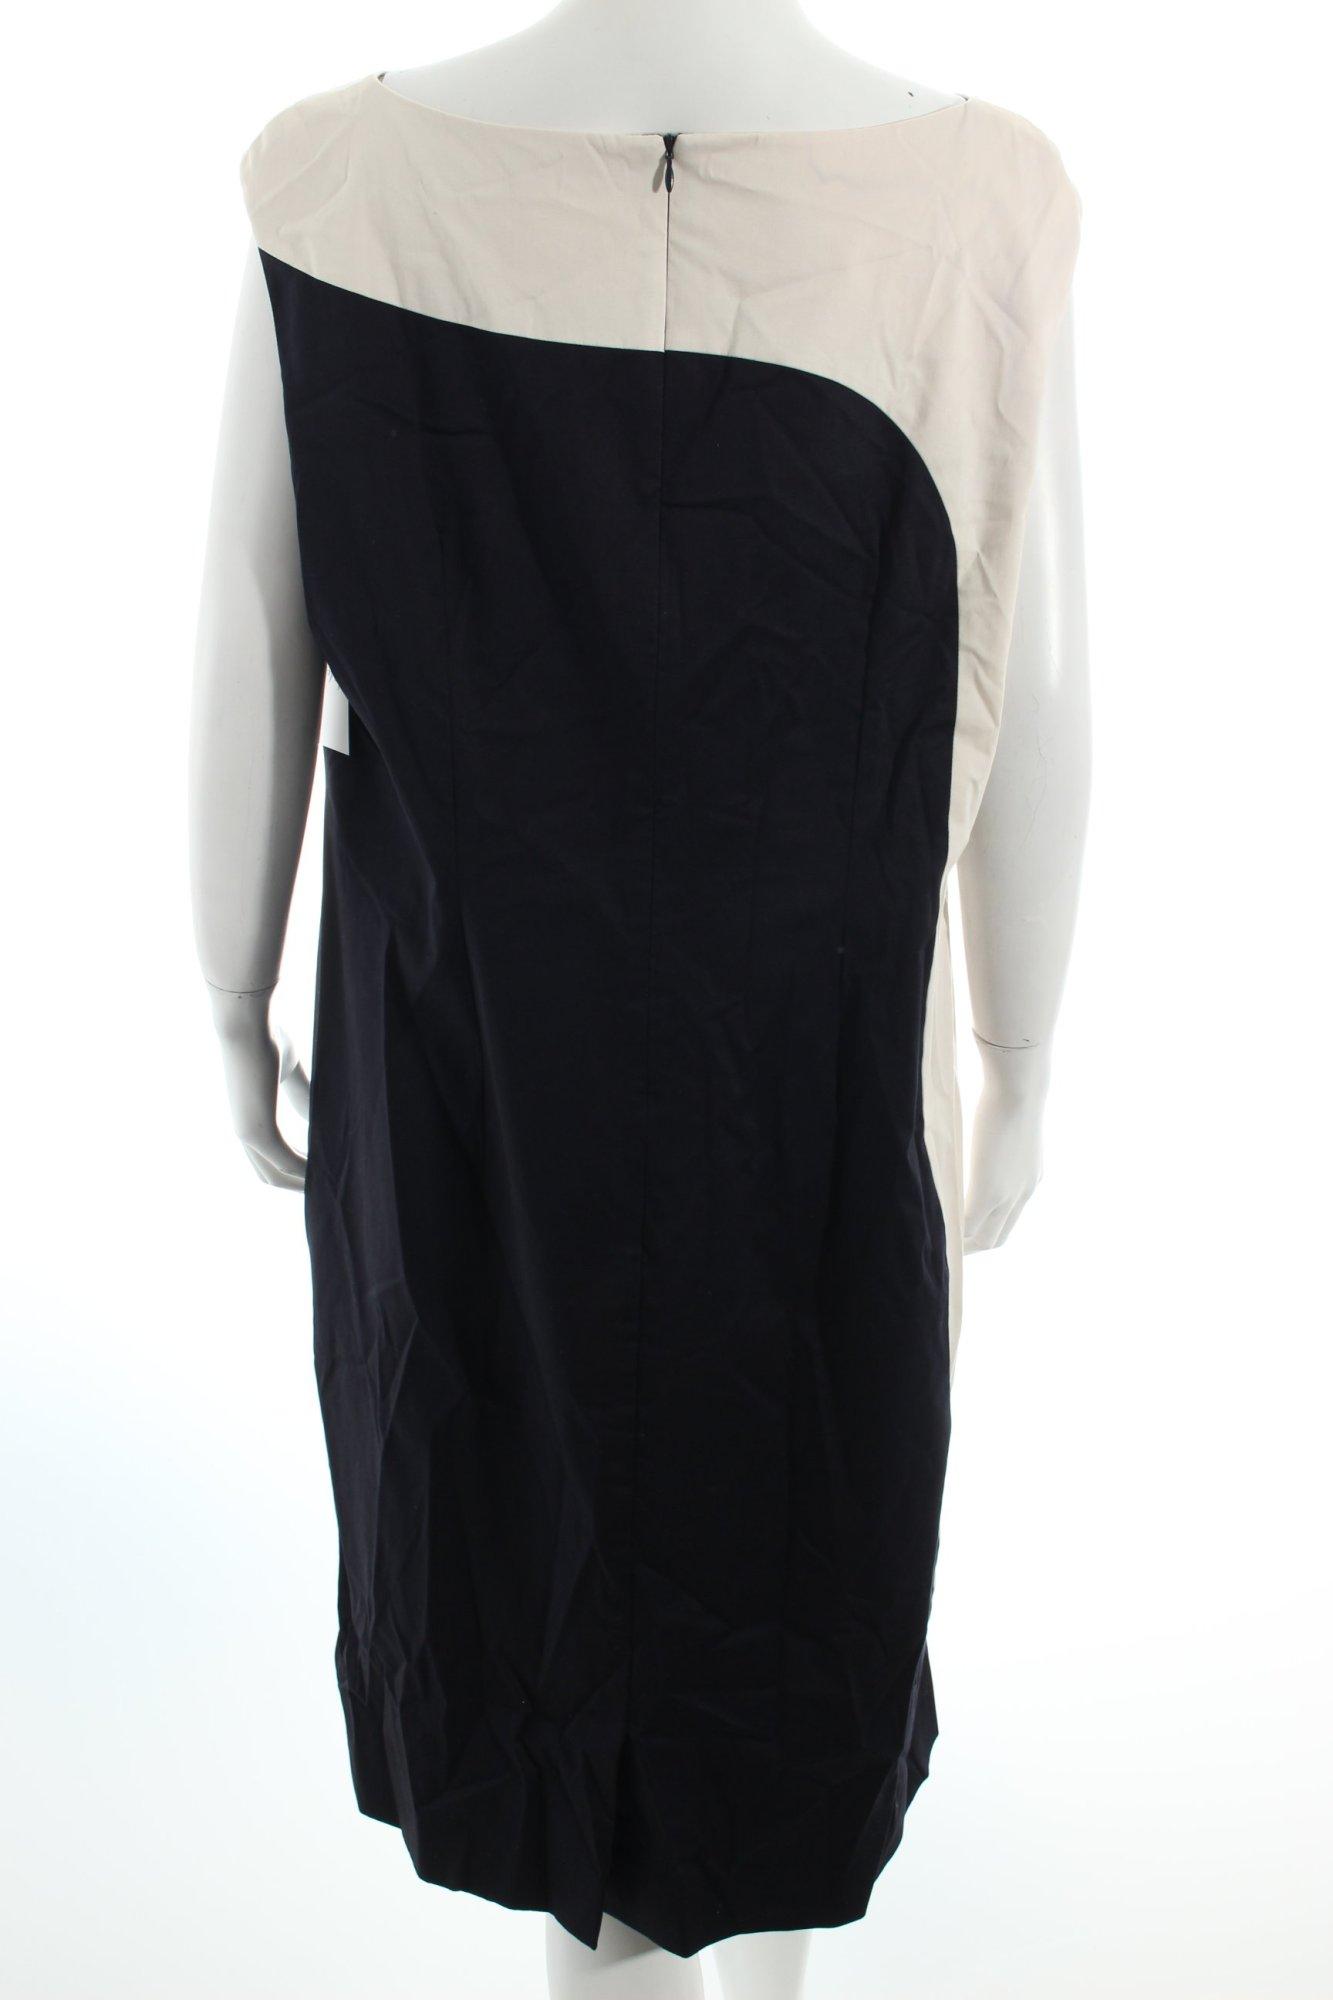 vera mont etuikleid schwarz creme colourblocking klassischer stil damen kleid ebay. Black Bedroom Furniture Sets. Home Design Ideas